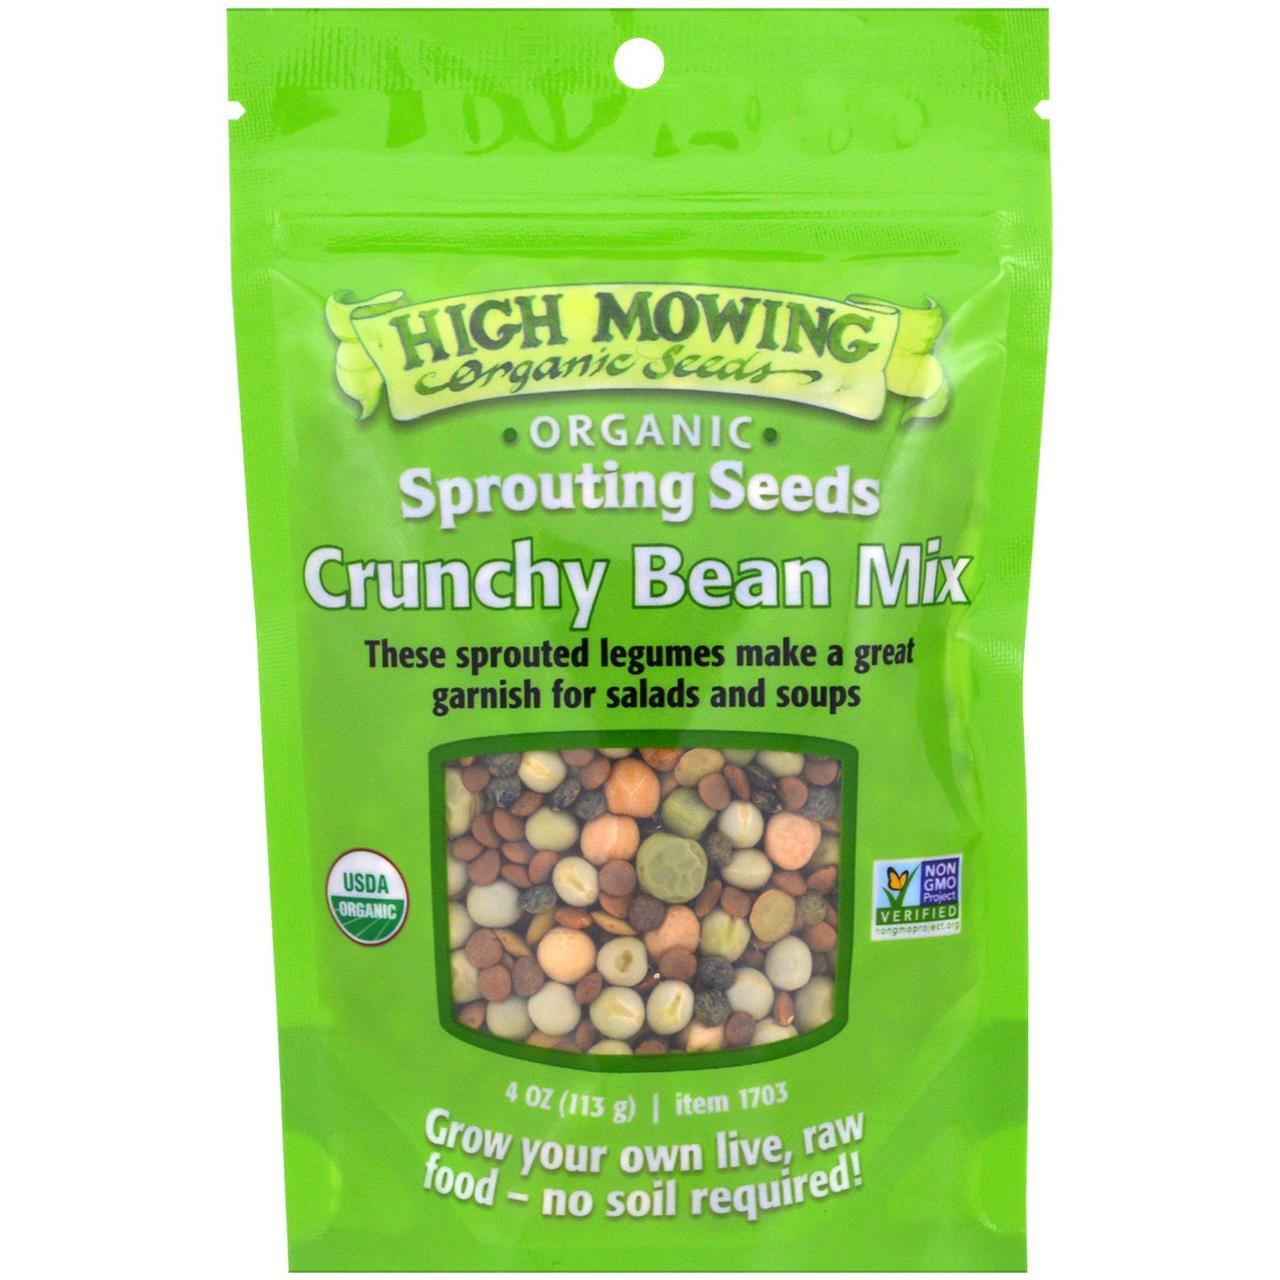 High Mowing Organic Seeds, Хрустящий микс бобовых, 4 унции (113 г)